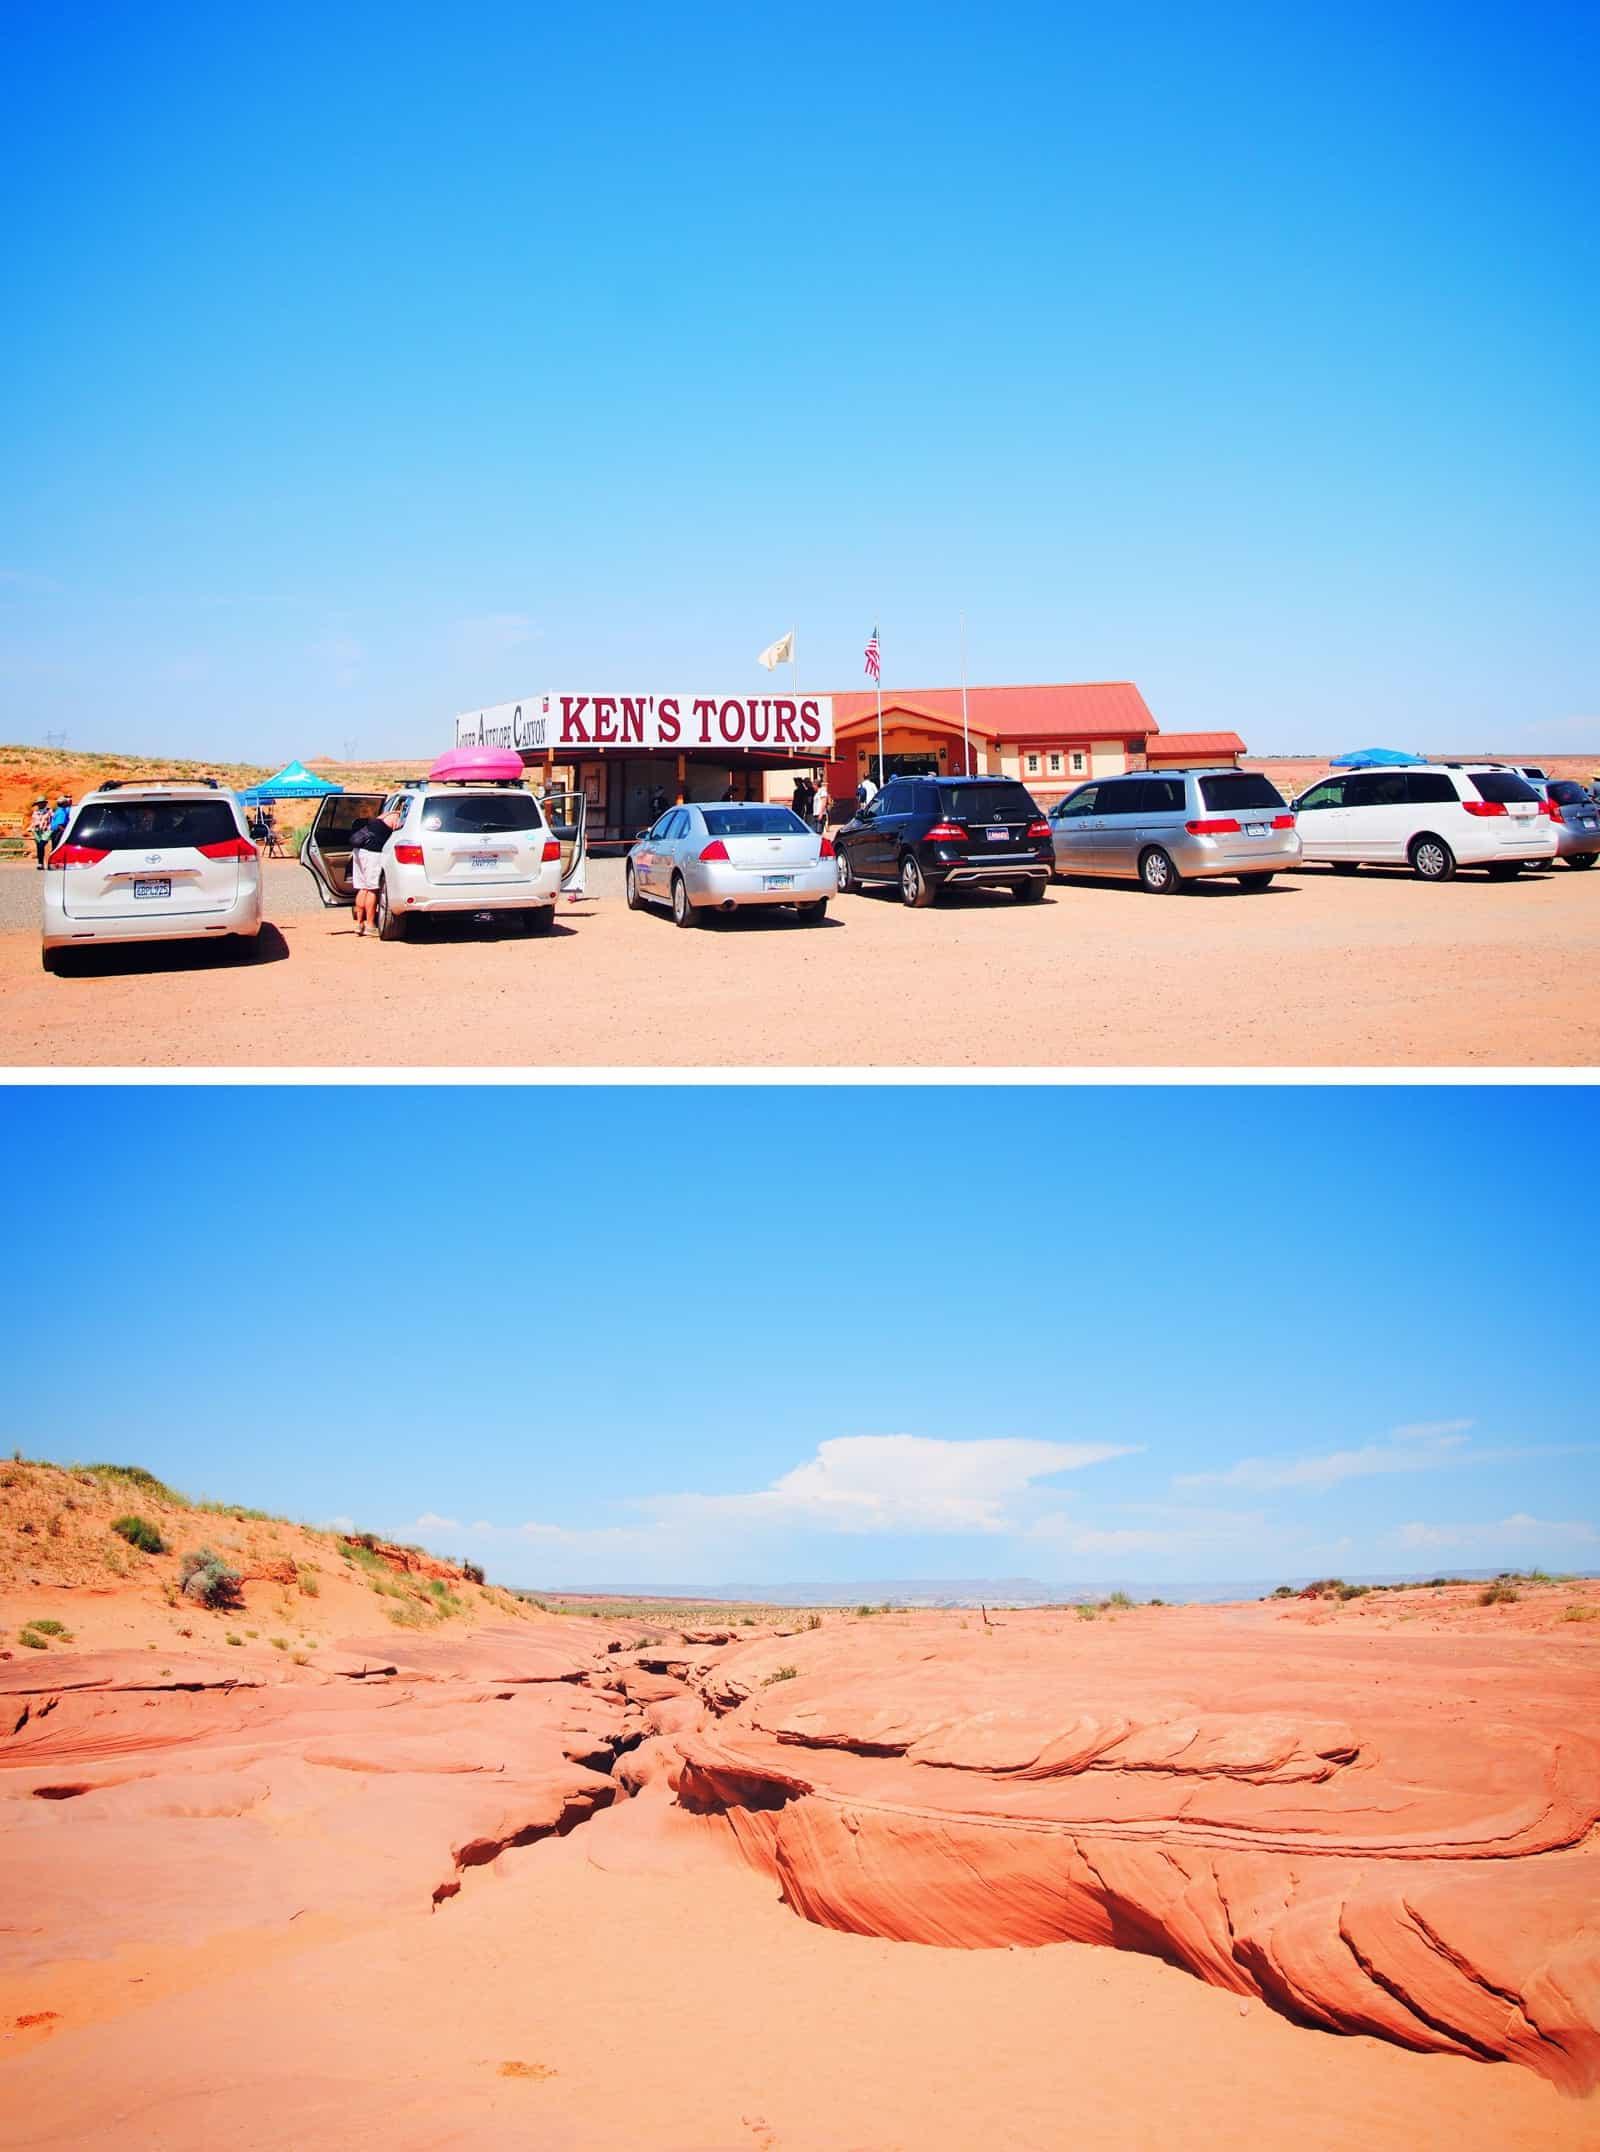 ken's tours antelope canyon